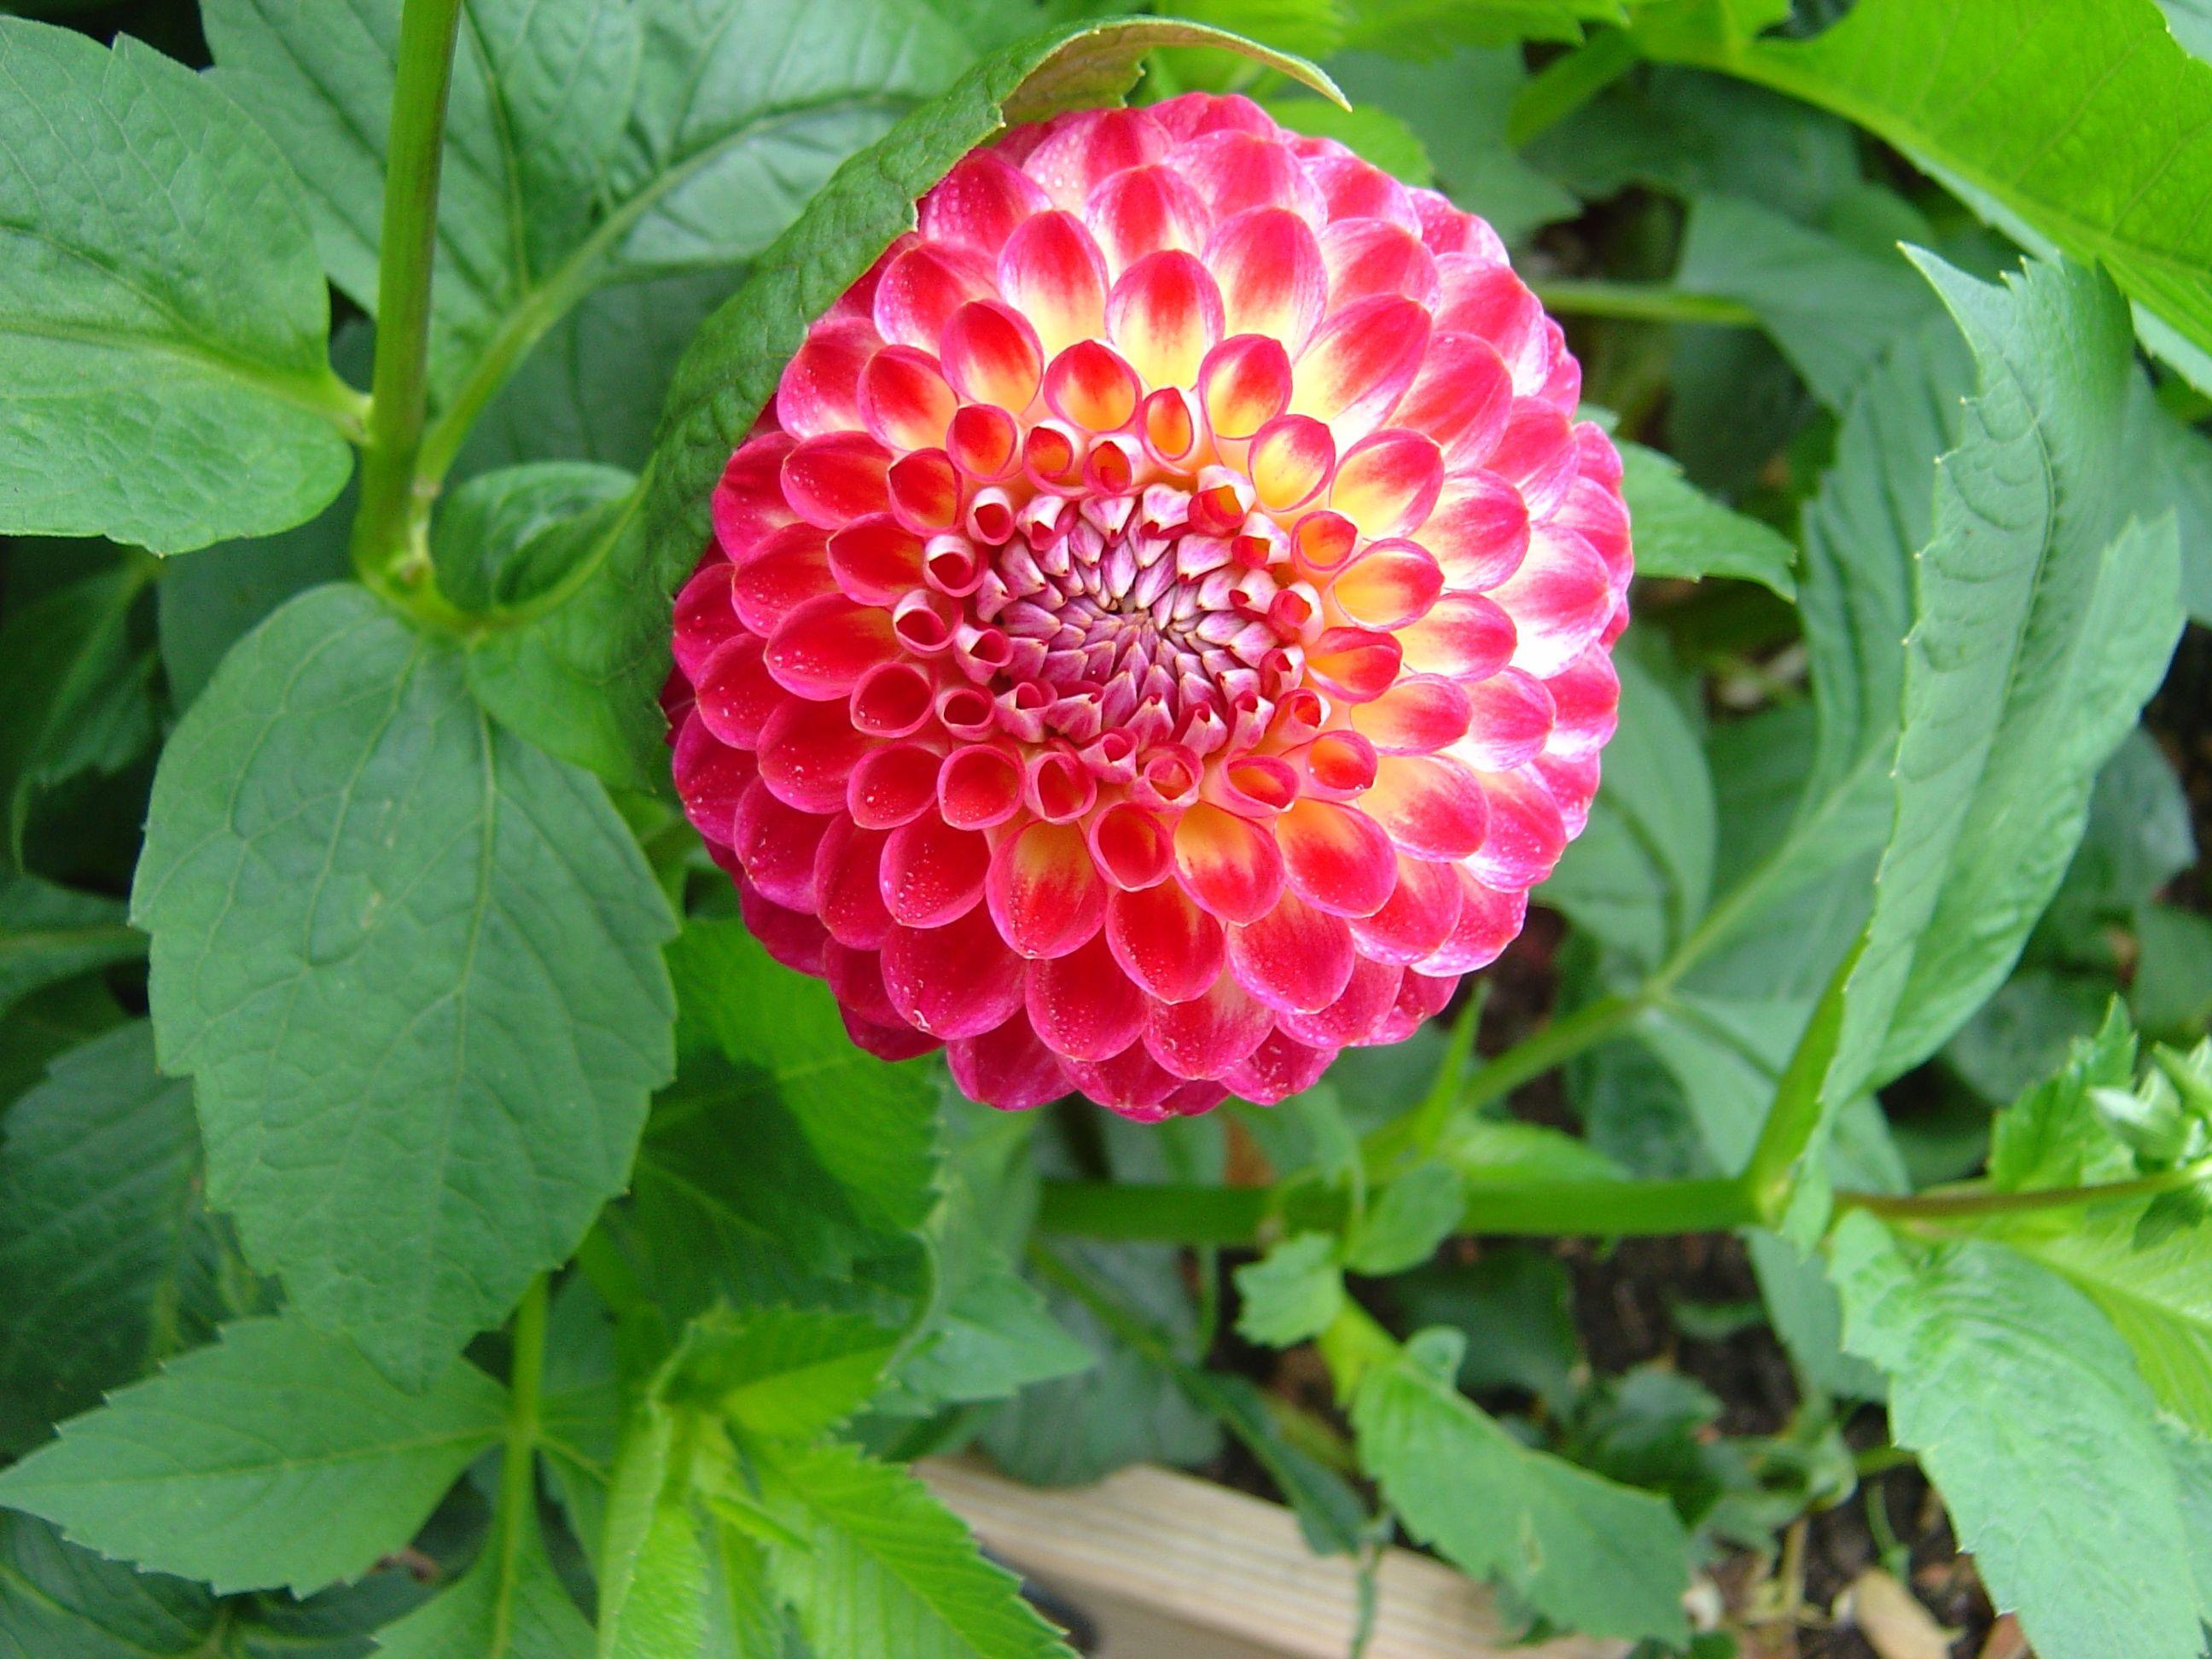 Crichton honey kenora fireball by ted marr gardening pinterest crichton honey kenora fireball by ted marr izmirmasajfo